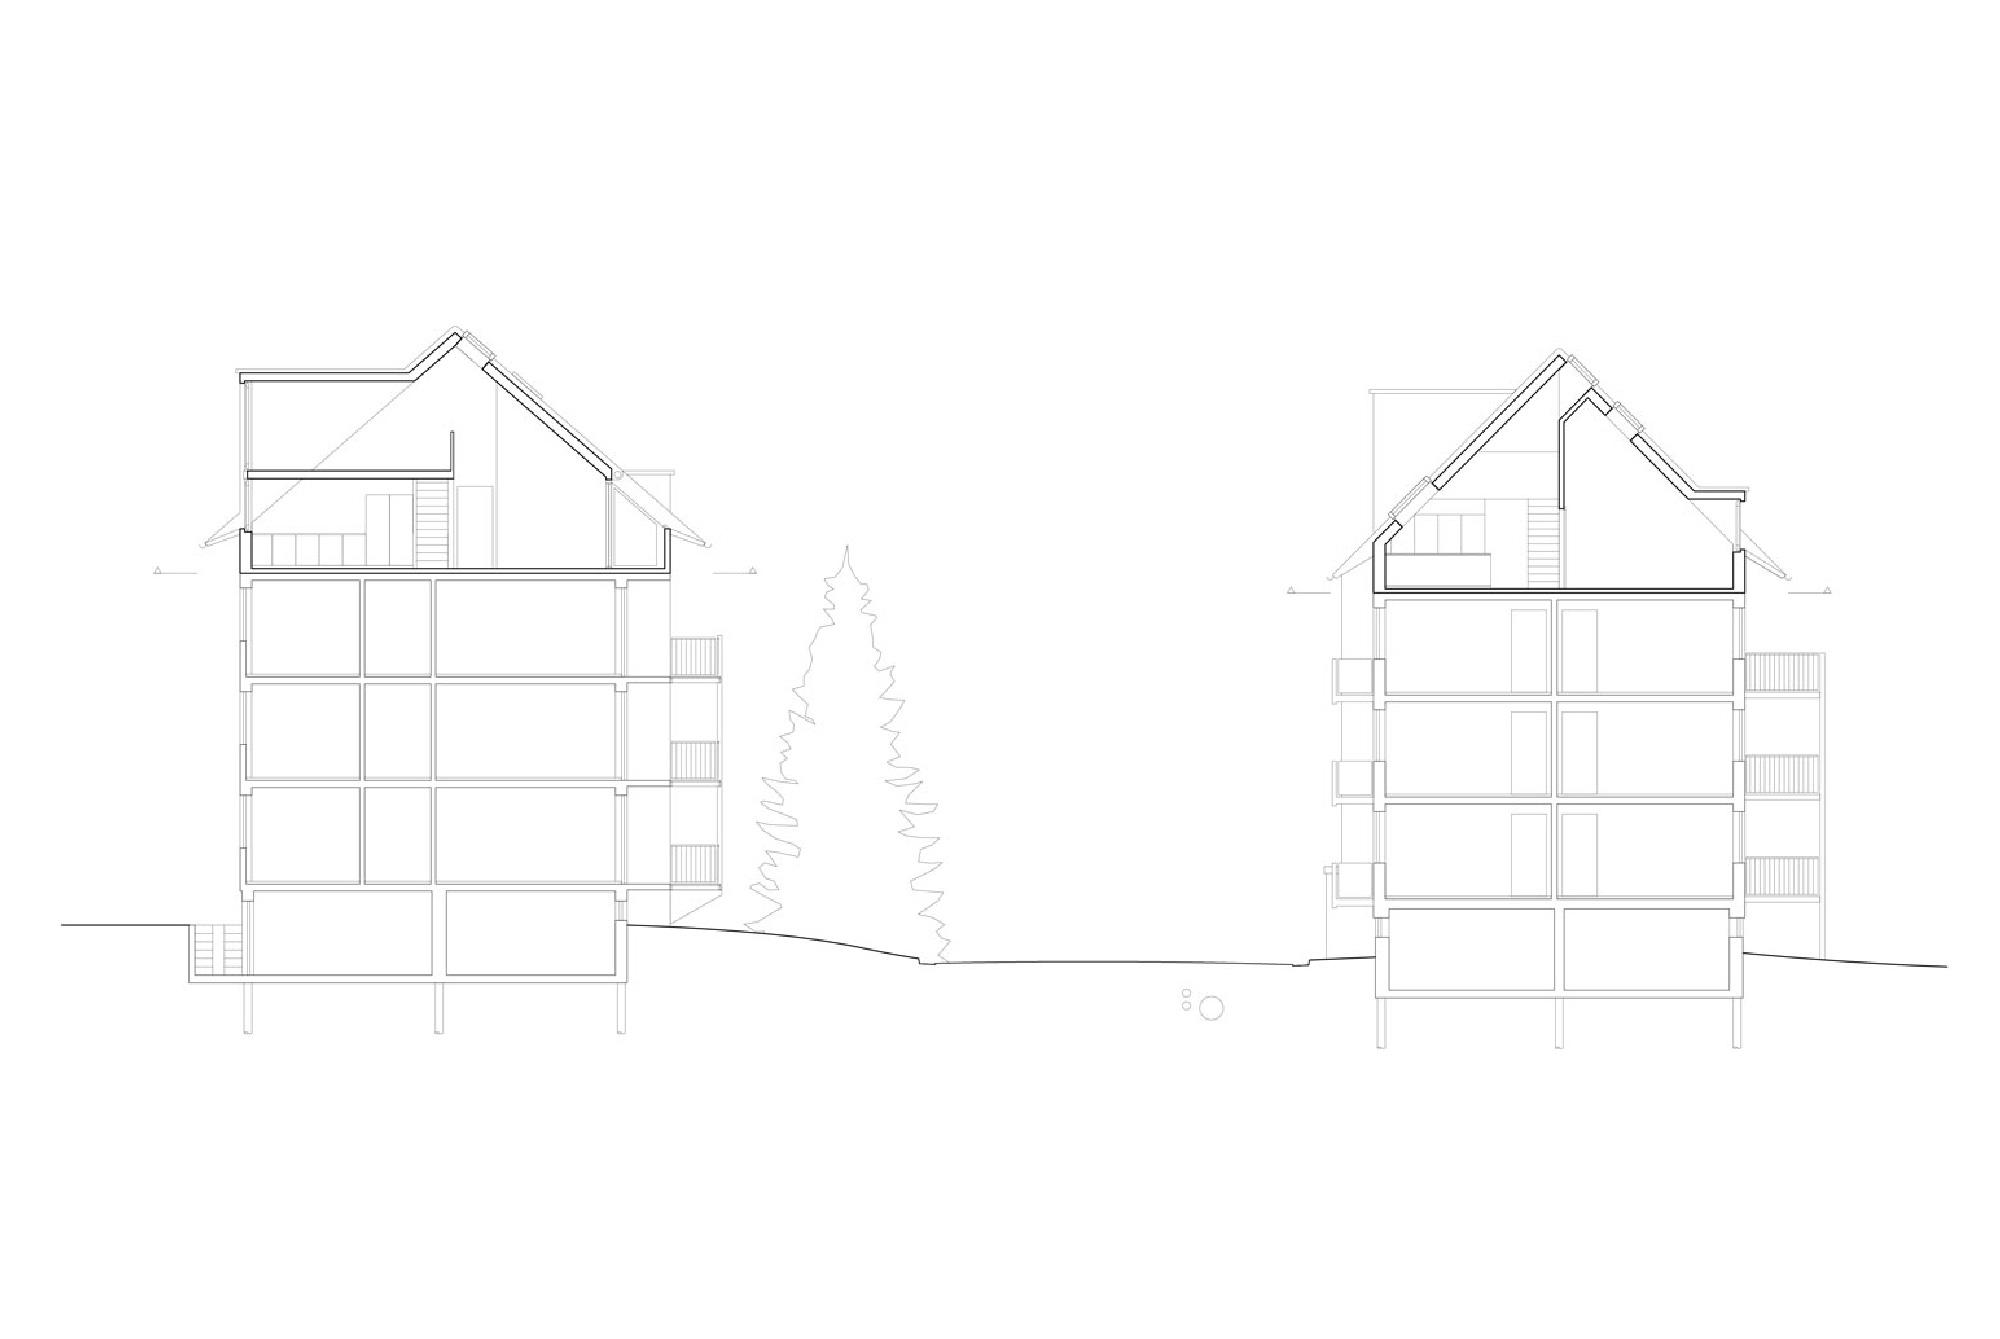 Querschnitt durch beide Zeilenbaute mit den neuen Dachgeschossen